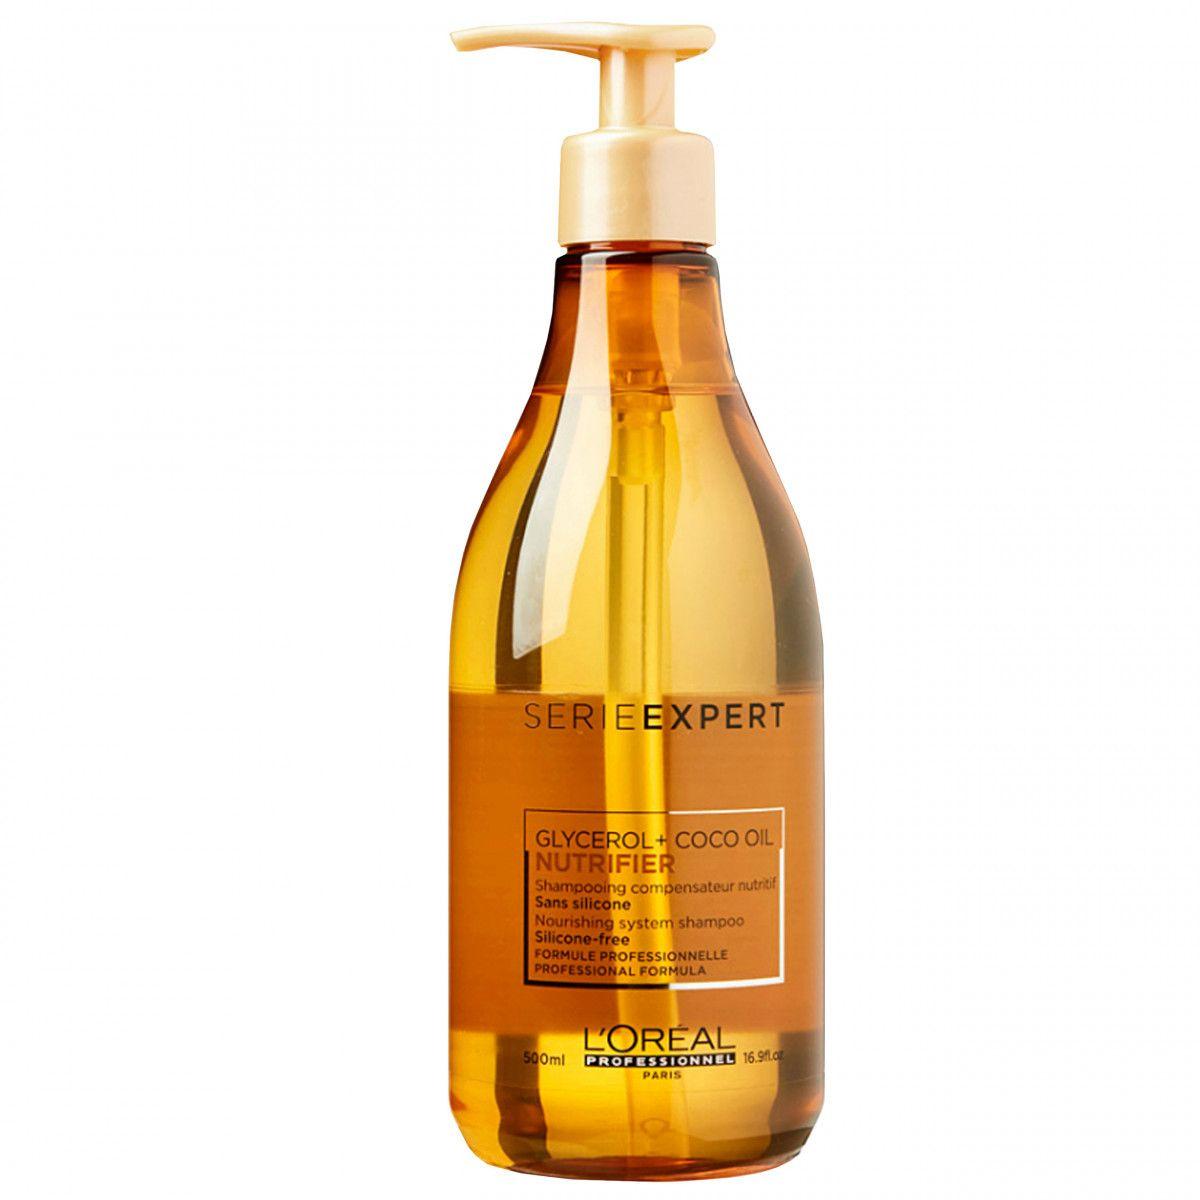 Loreal Nutrifier, szampon bez silikonów do włosów suchych i łamliwych 500ml